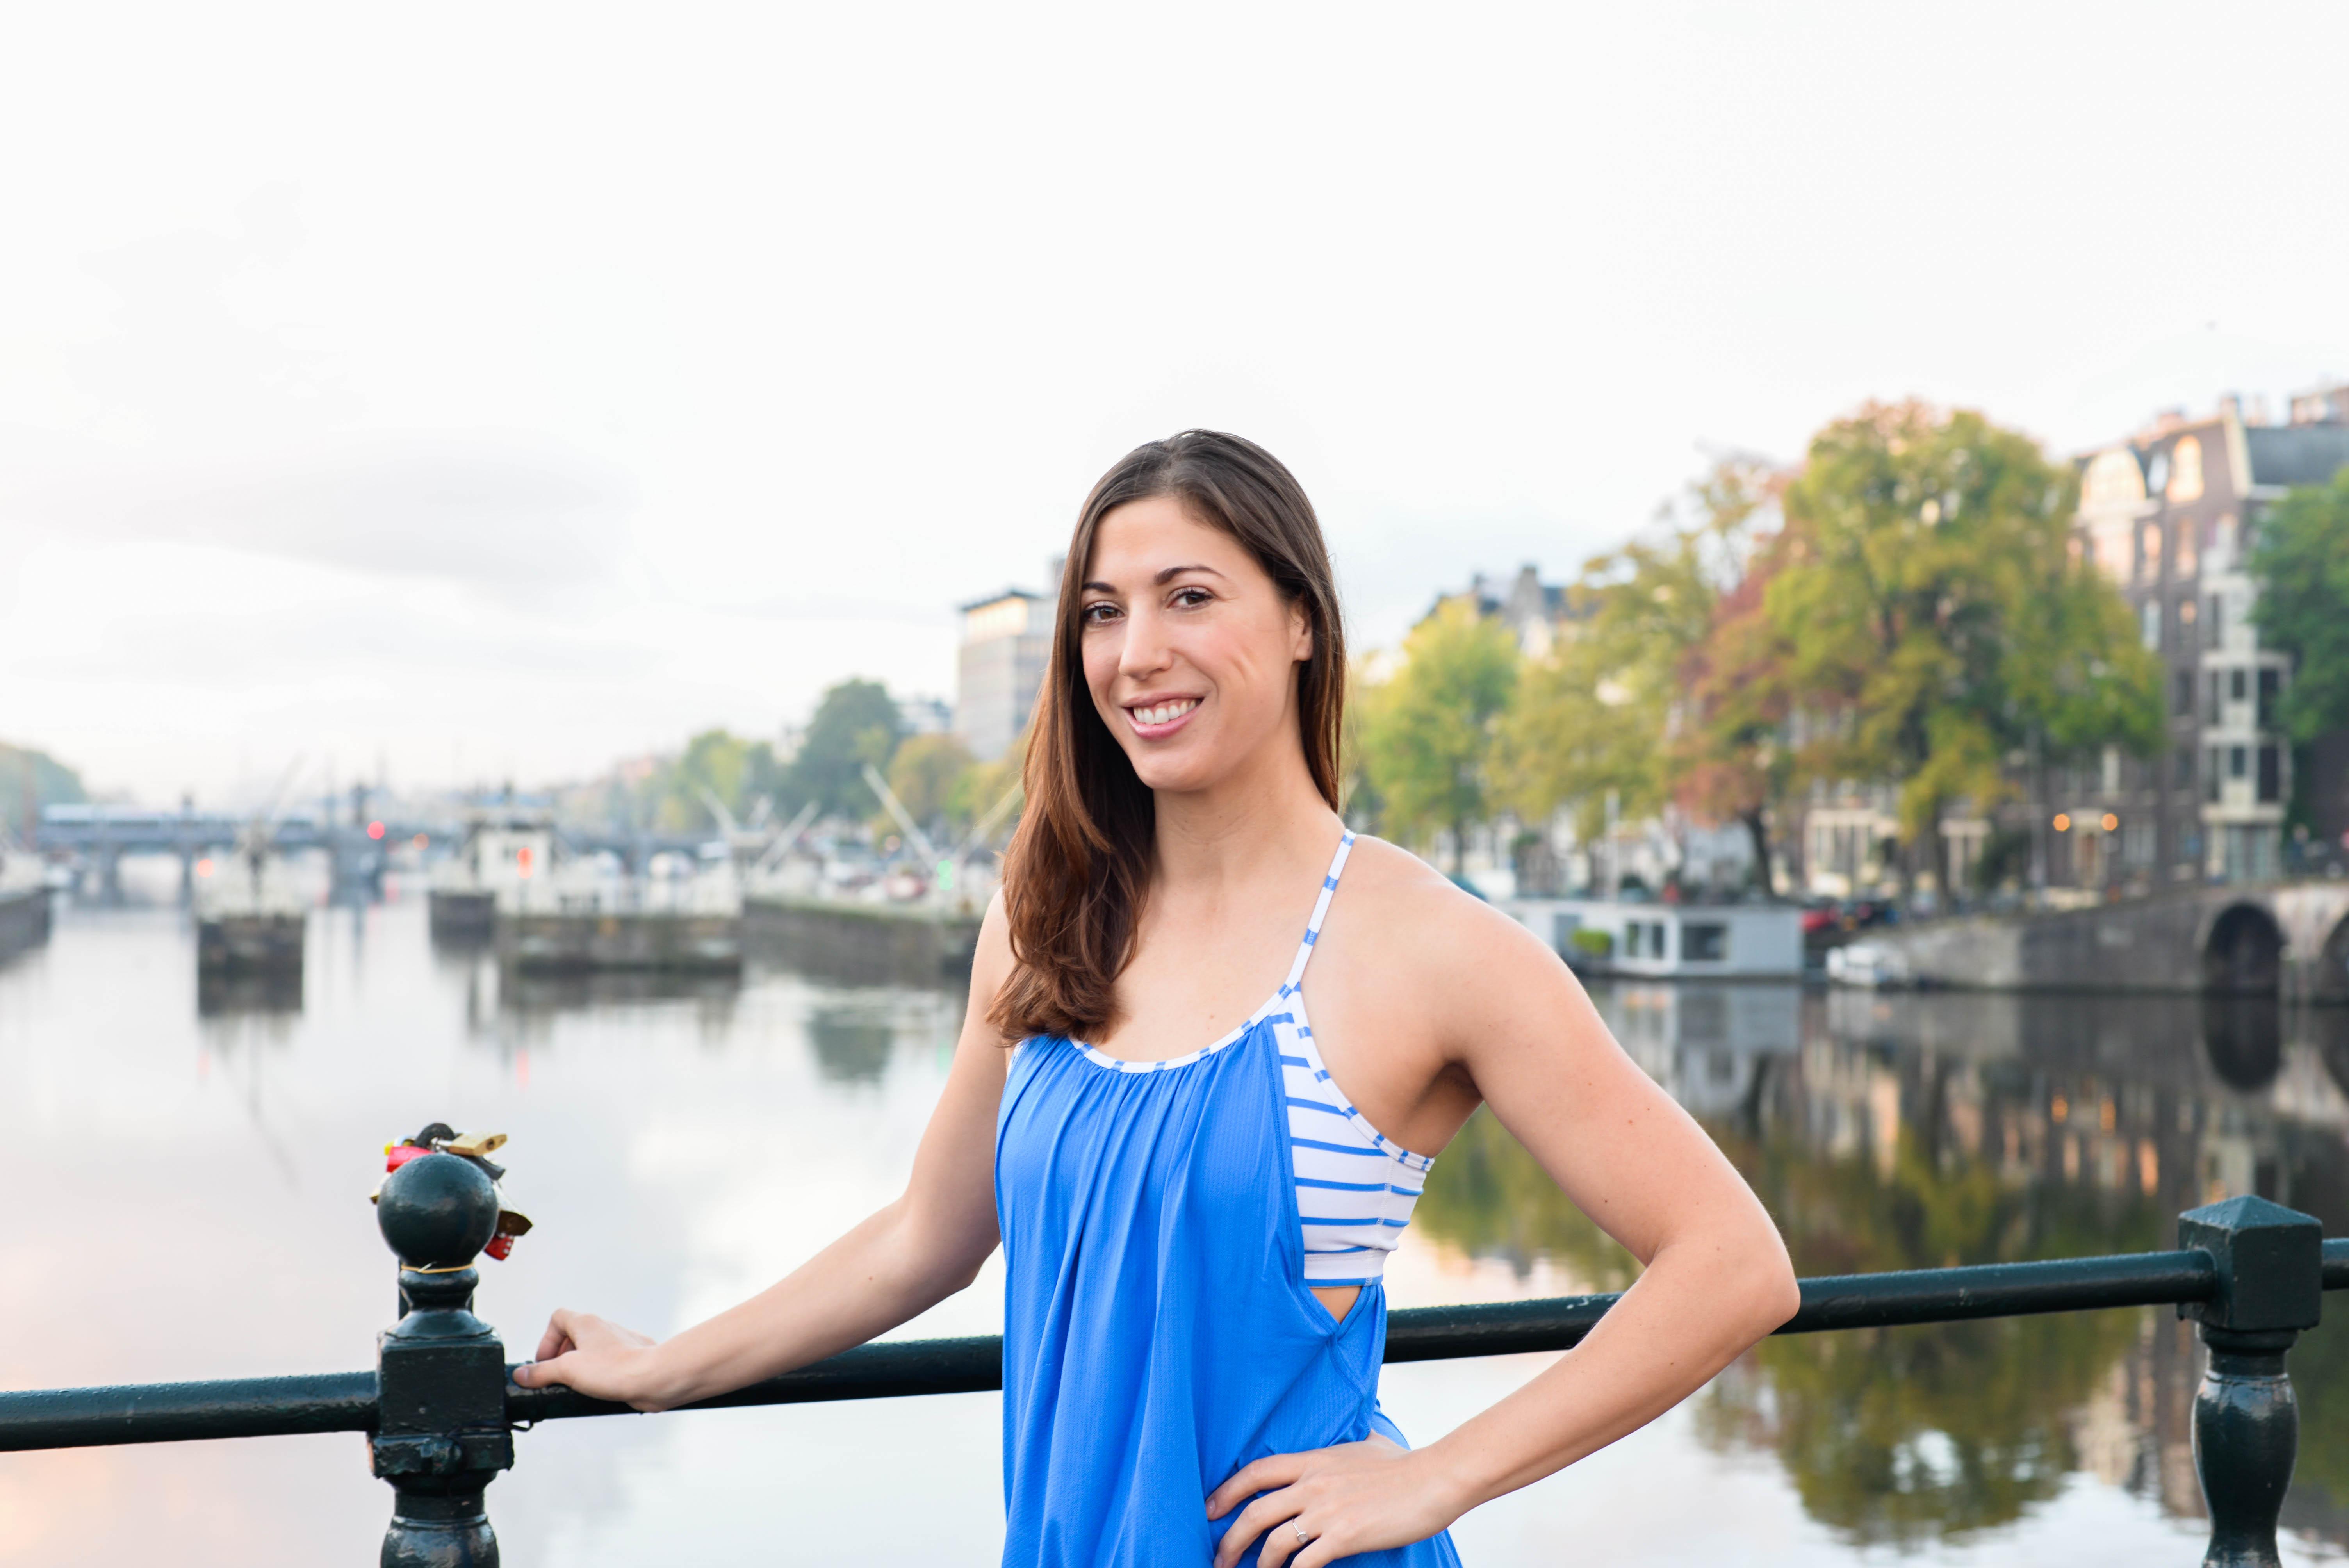 interview met personal trainer alison primavera personal trainer nl interview met personal trainer alison primavera